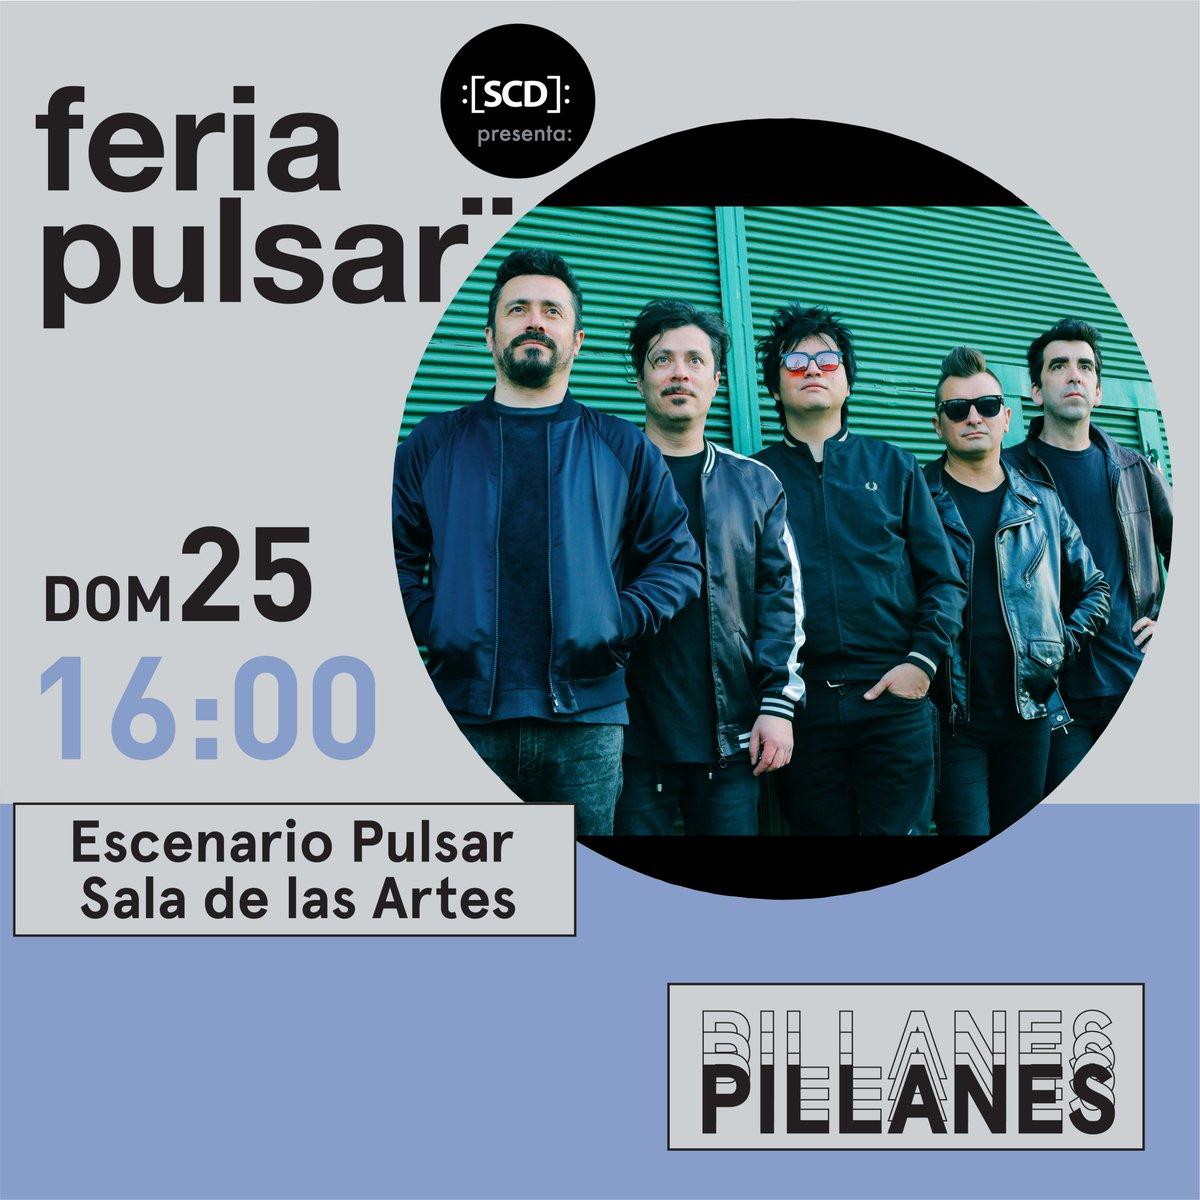 """test Twitter Media - .@PillanesDeChile el pasado viernes lanzó su disco debut """"Pillanes"""" y el próximo 25 de noviembre debutan en vivo en #FeriaPulsar2018 👌  ¡imperdible 👏! https://t.co/ouvRWeXIQw"""